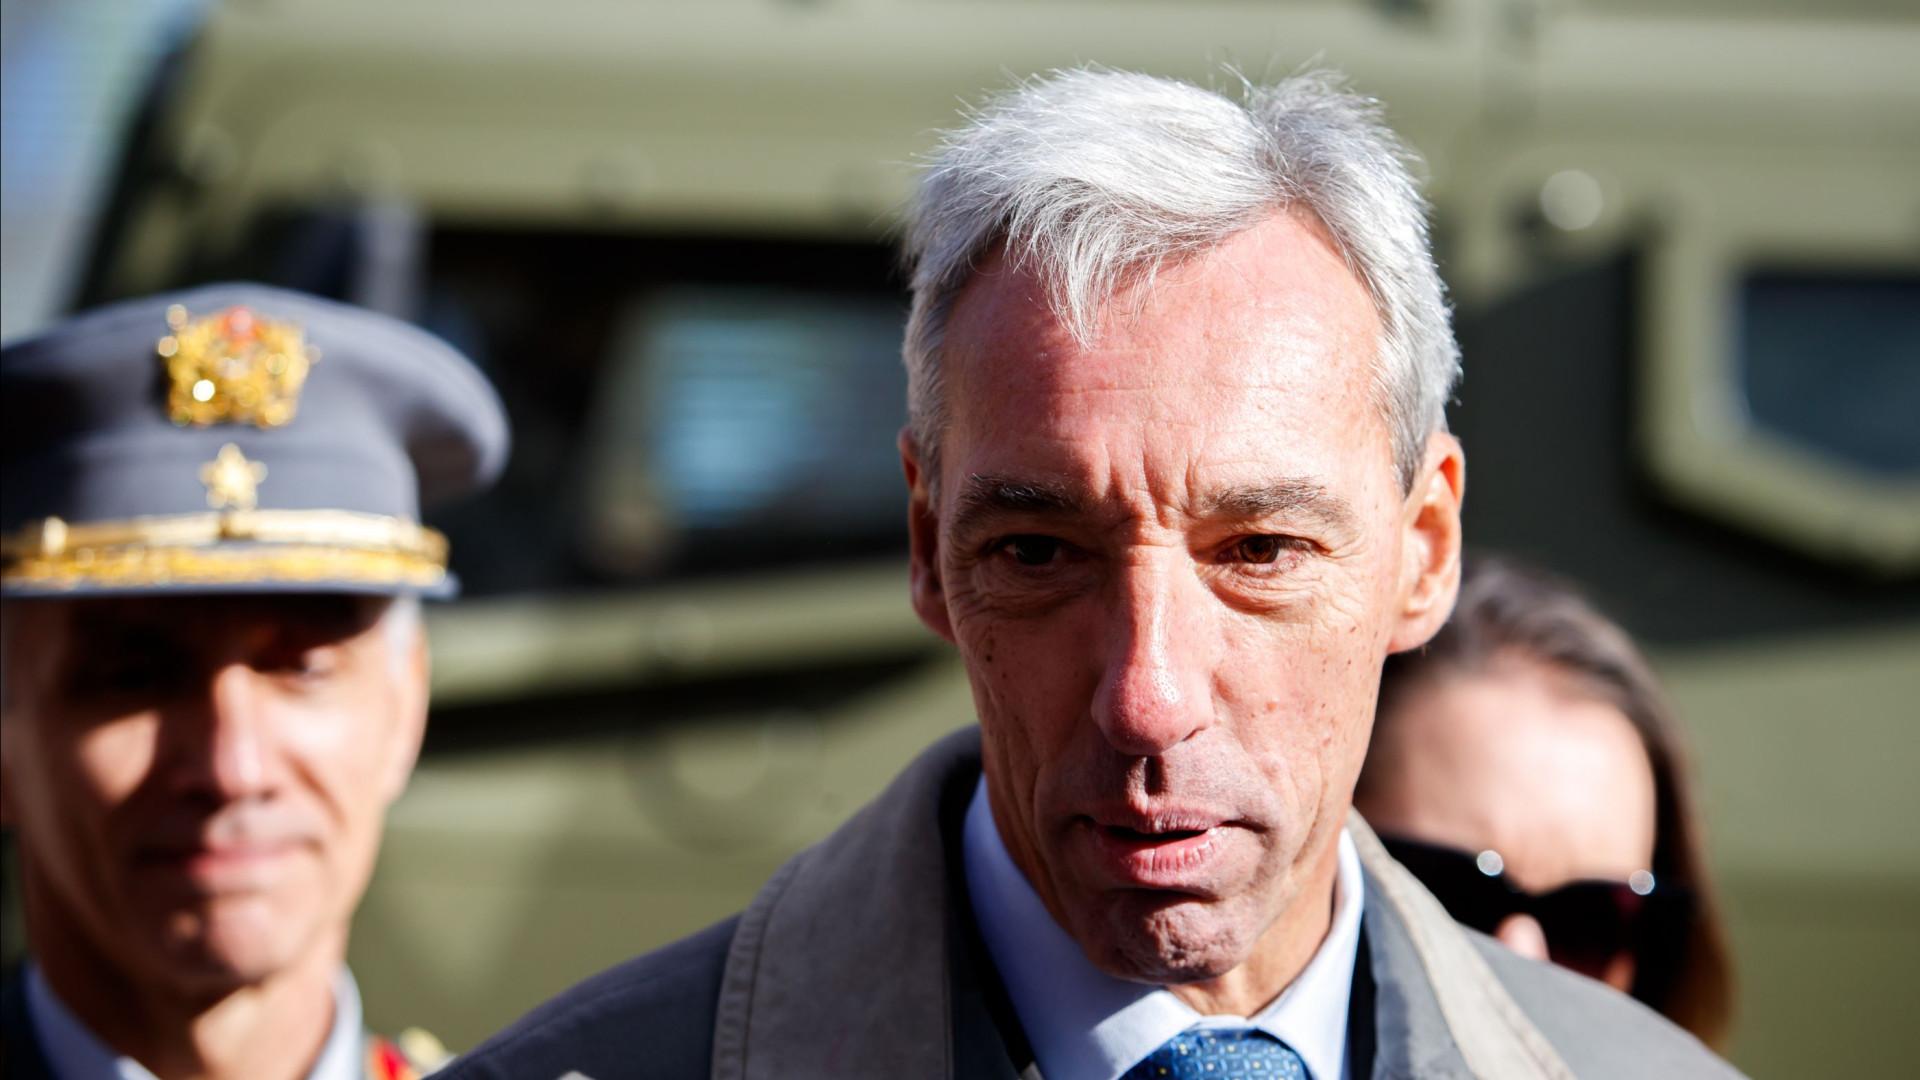 """OE. Ministro """"confiante"""" em acordo que evite cenário """"muito penalizador"""""""